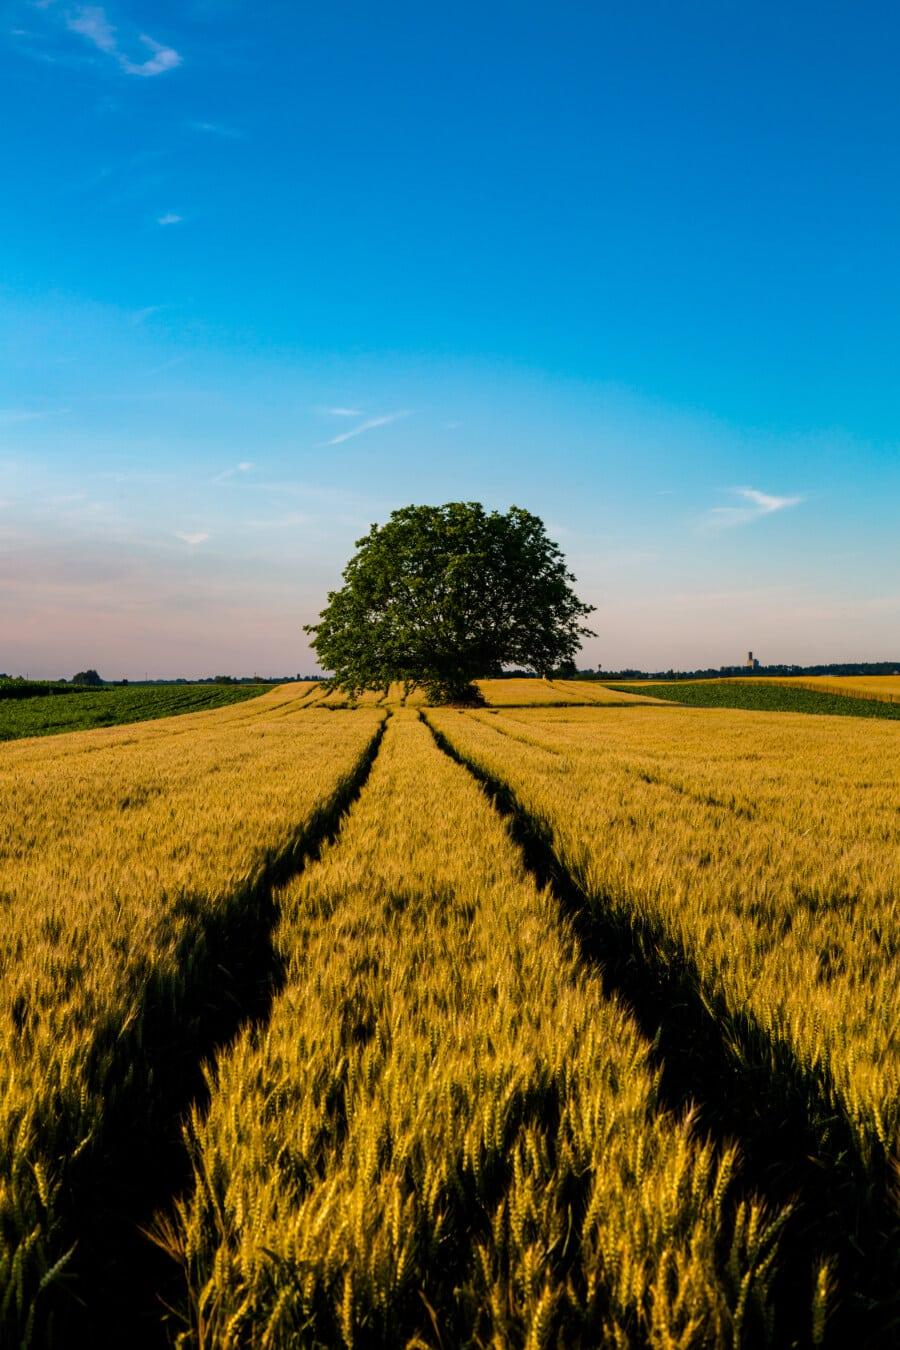 dag, solrig, felt, landbrugs, Hvedemarken, træ, landbrug, gård, landdistrikter, landskab